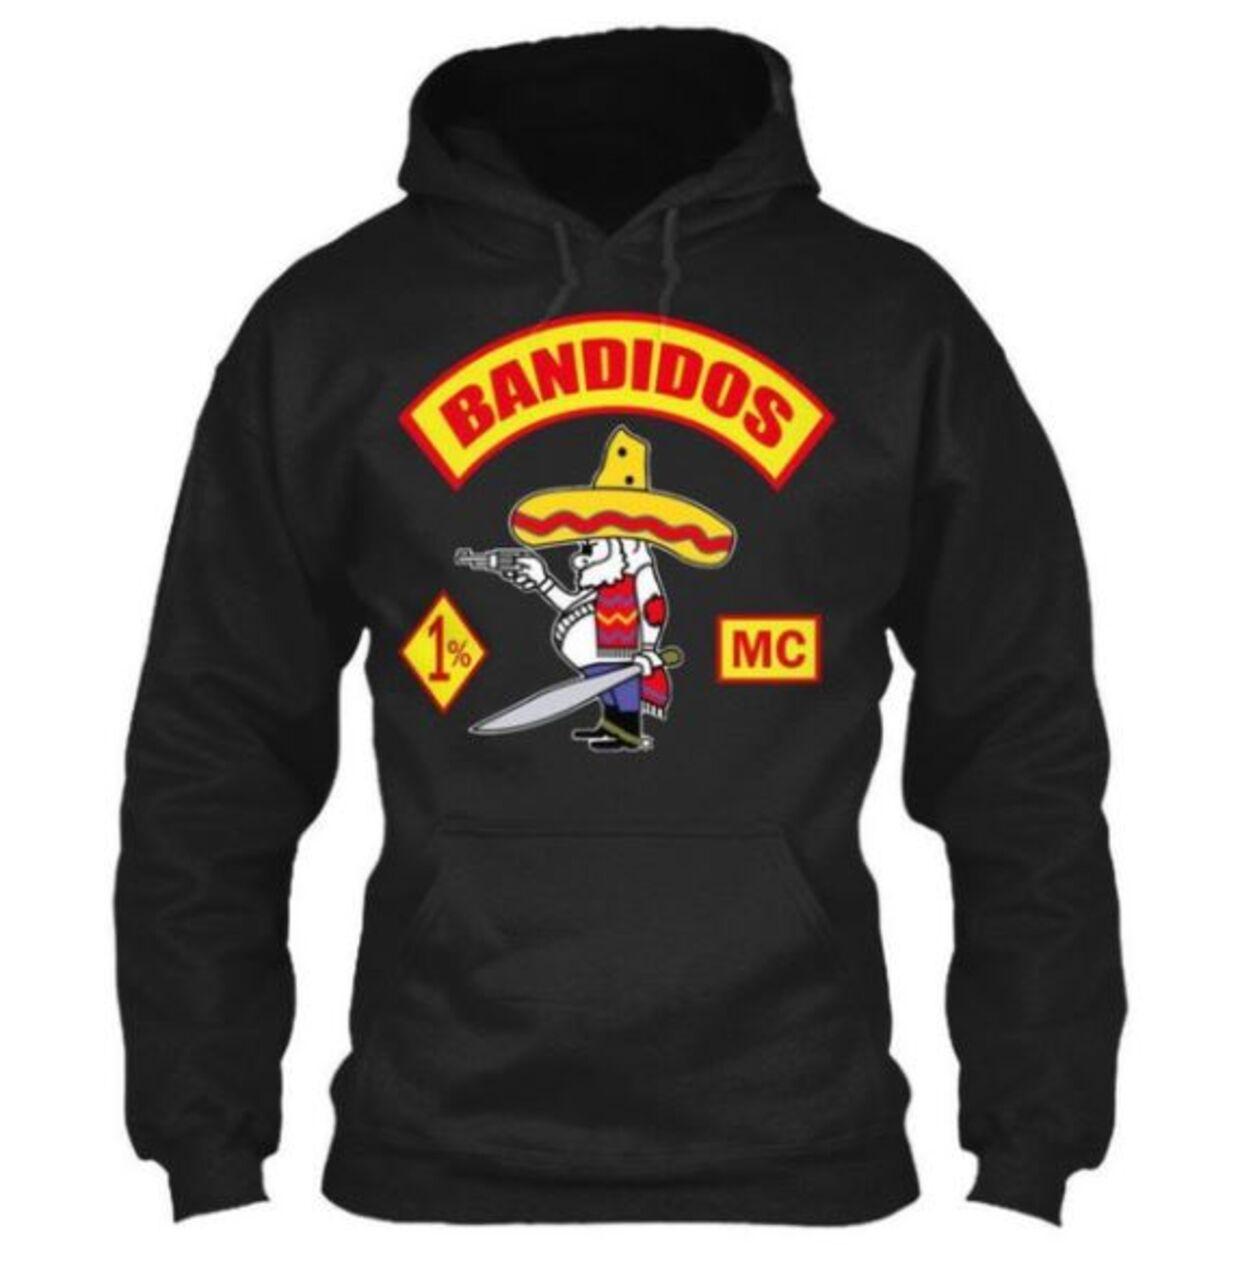 Bandidos MC Denmark er bekendt med, at Wish.com sælger tøj og andre ting med deres logo på. Klubben synes, at 'det er dybt beklageligt', at deres copyright ikke bliver respekteret, og de har flere gange forsøgt at få det stoppet, oplyser de til B.T.